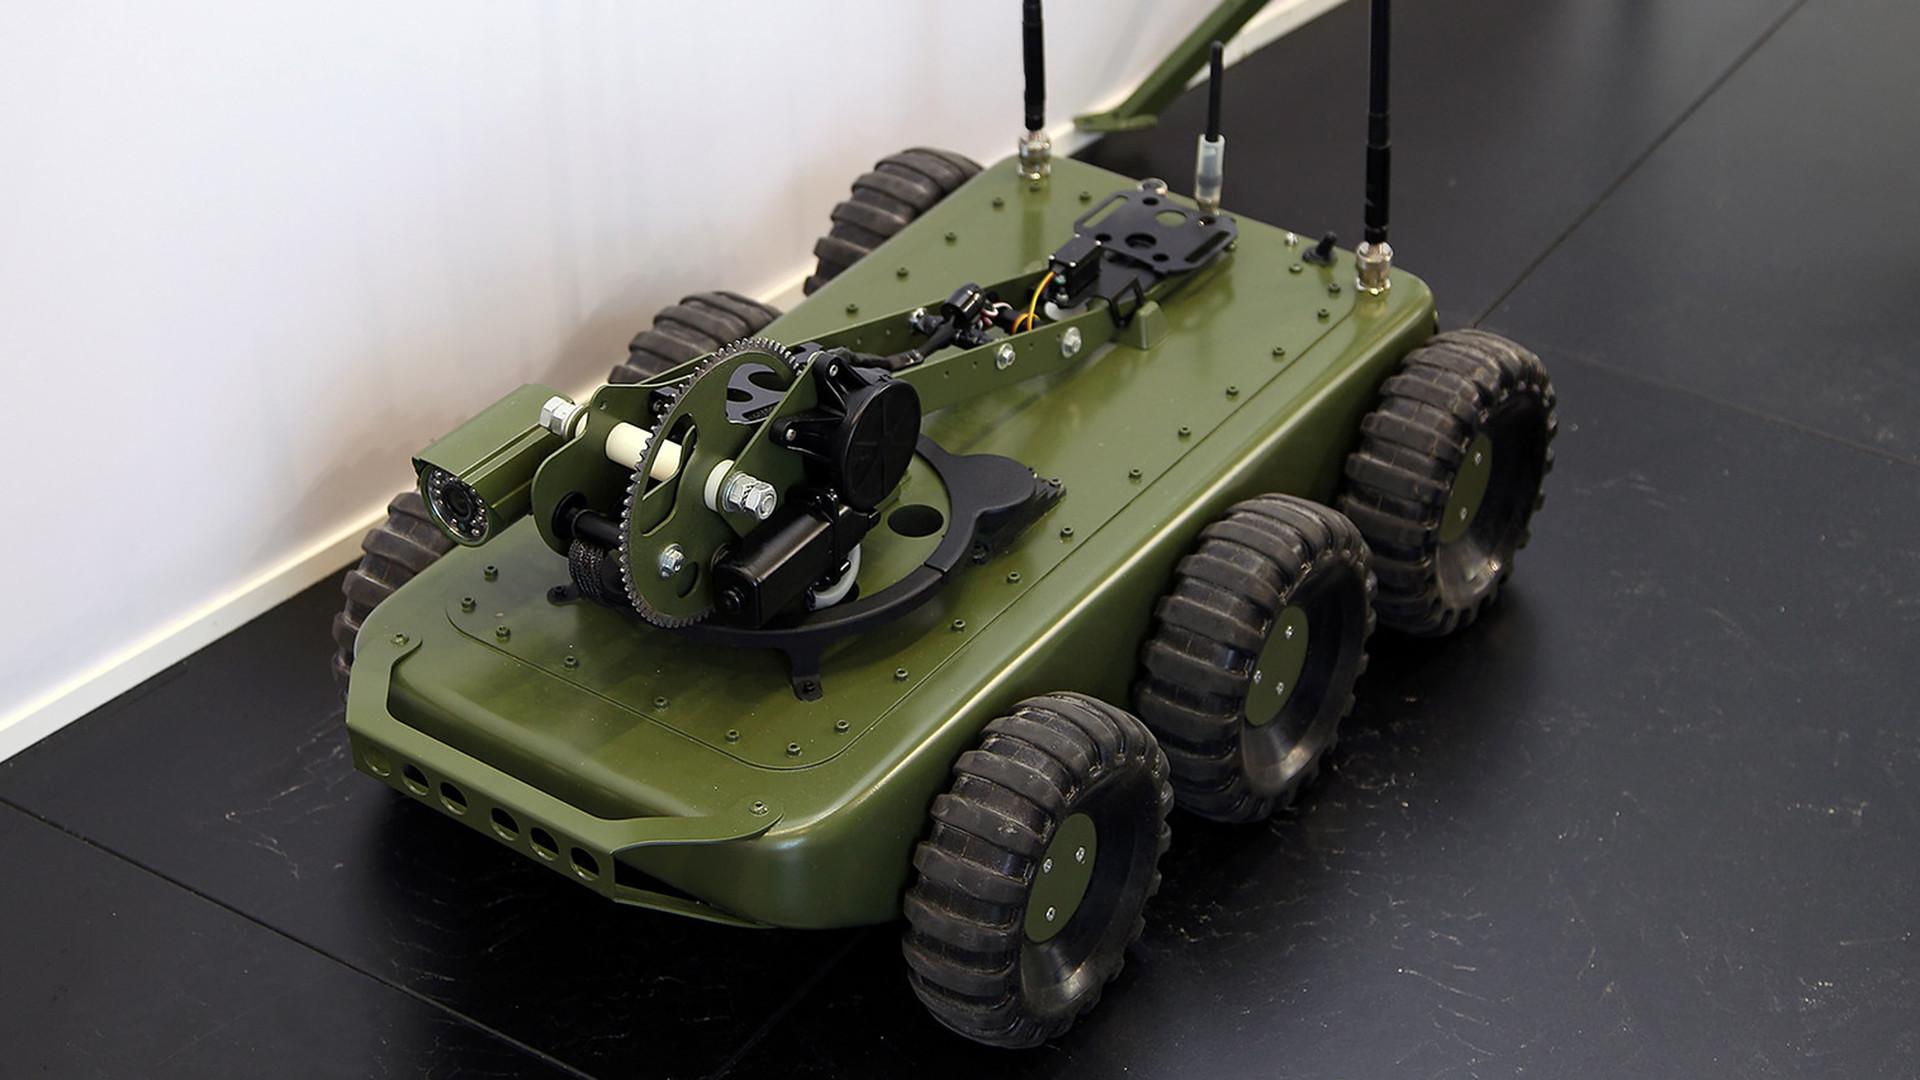 La Guardia Nacional Federal de Rusia está desarrollando un nuevo robot de reconocimiento.